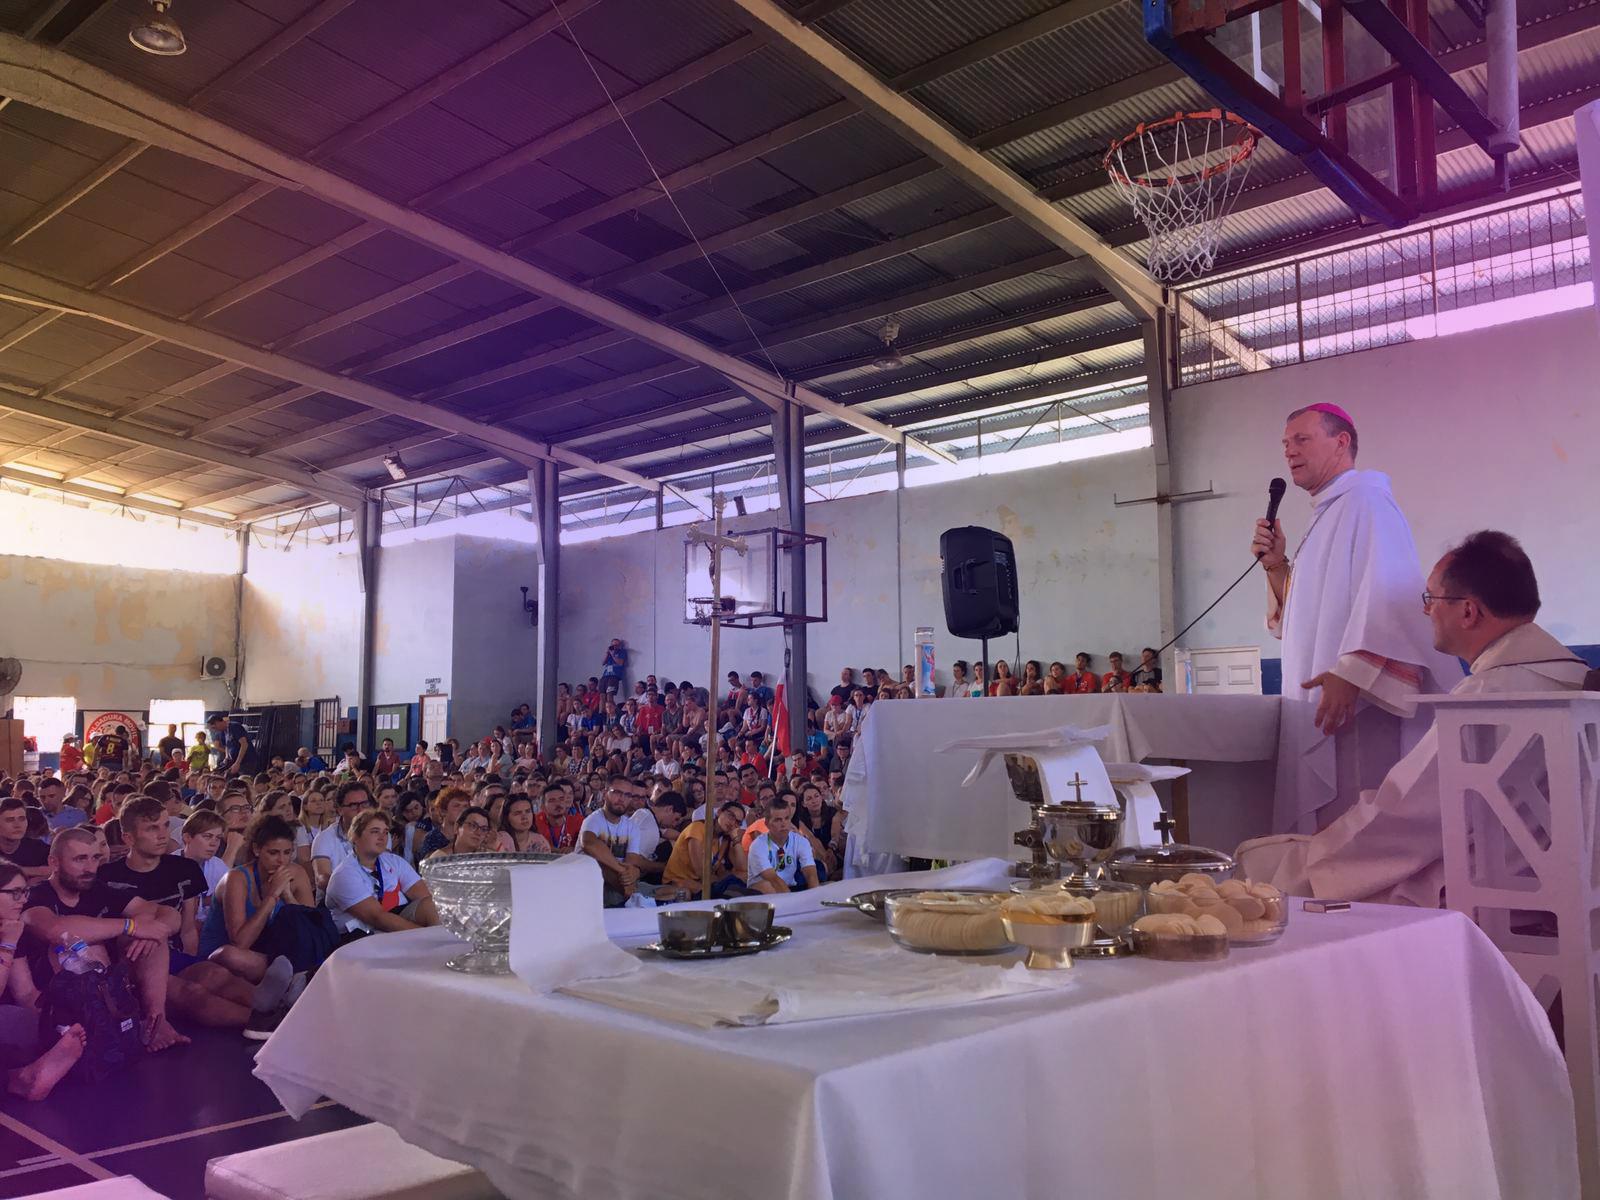 Msza święta w hali sportowej